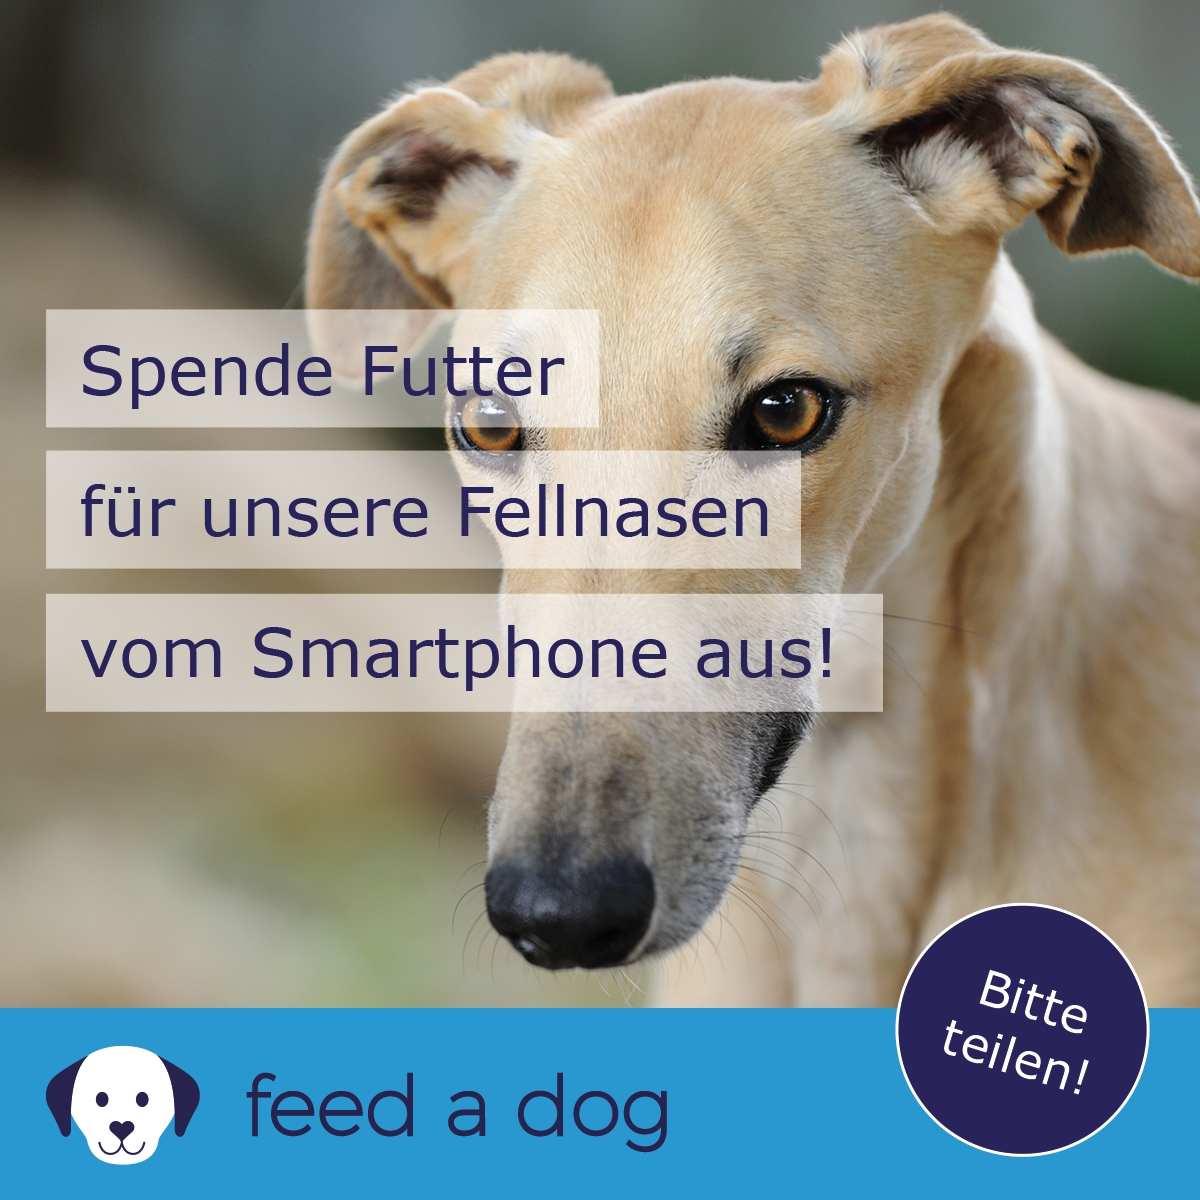 Futter spenden mit der Futterspenden-App feed a dog